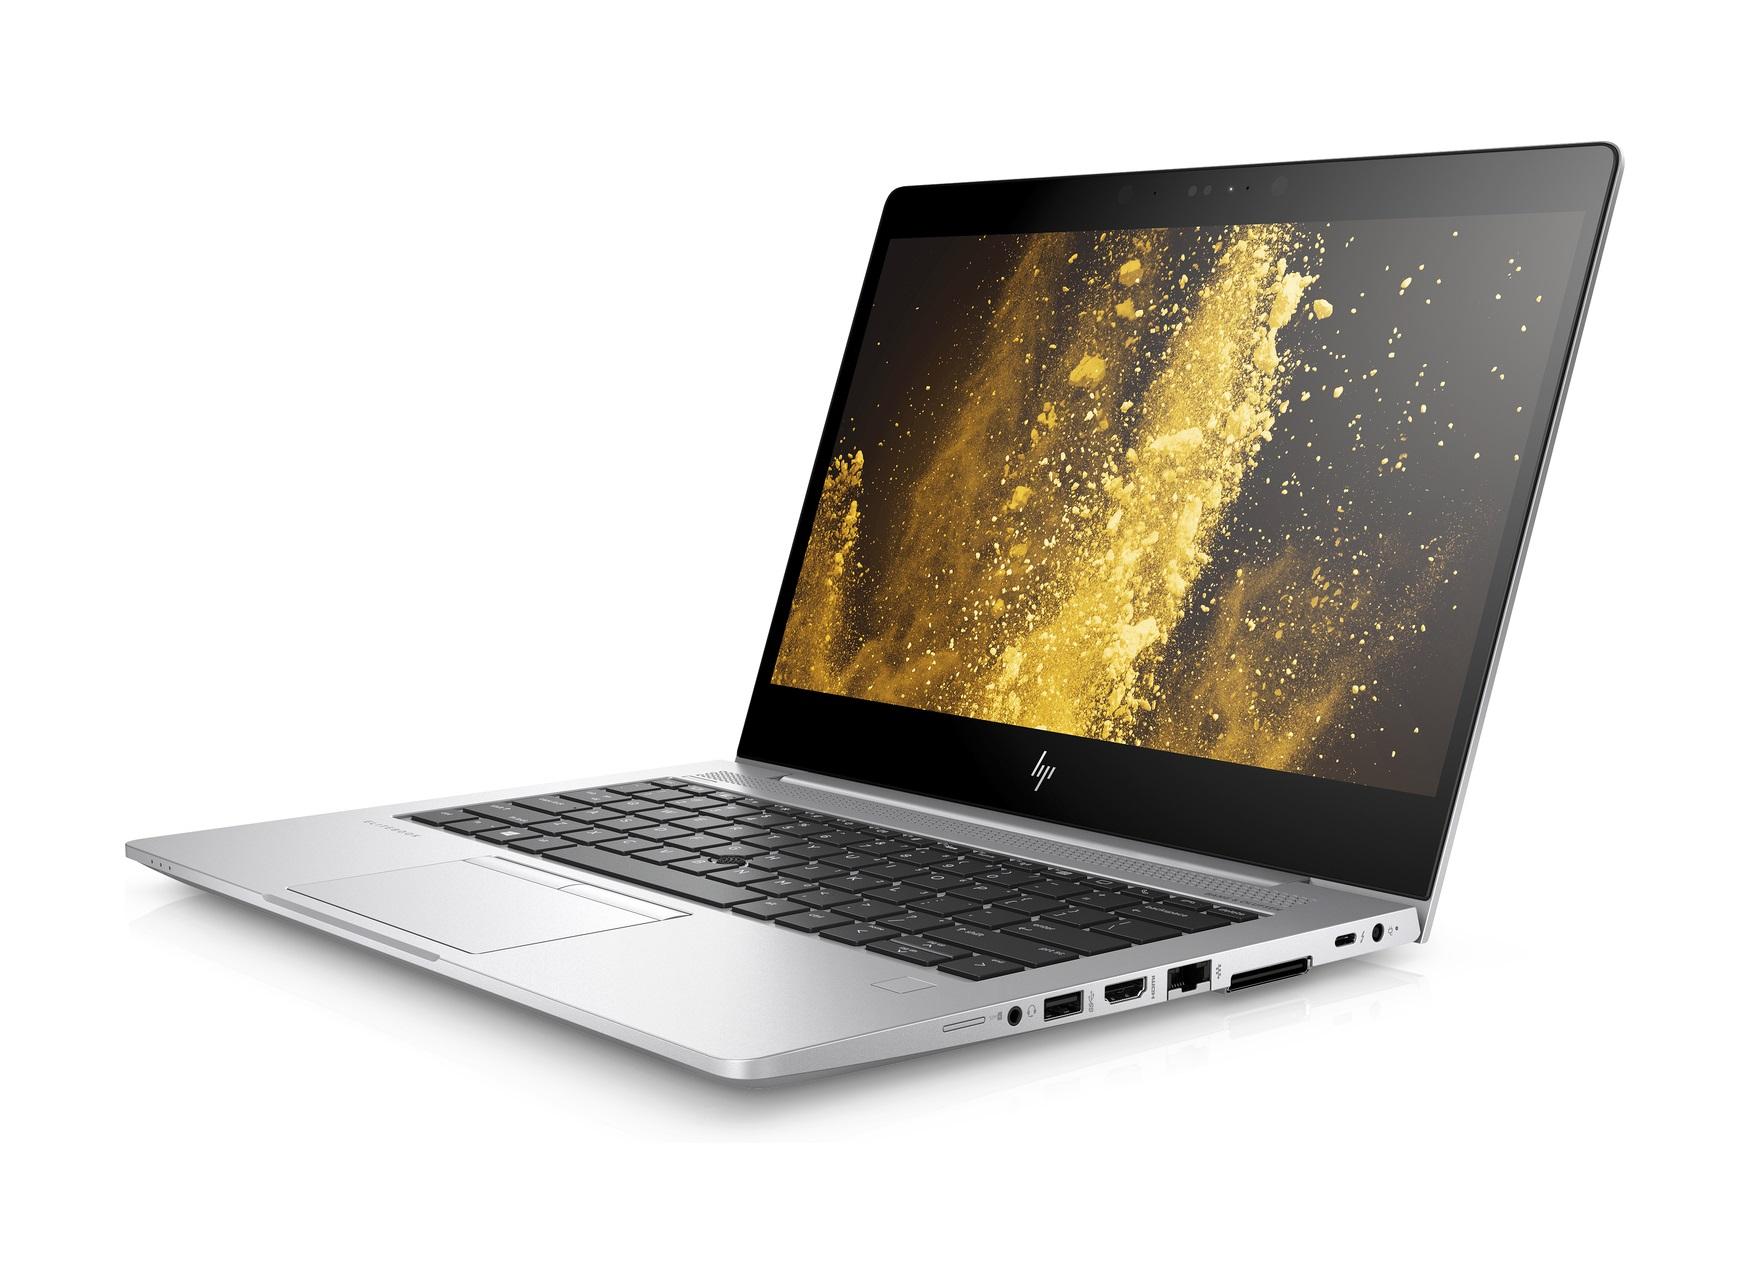 Laptop HP Elitebook 830 G5 I5-8350U 8GB 256SS 13.3FHD Touch W10P Silver -  hàng nhập khẩu - Laptop truyền thống | LaptopTot.com